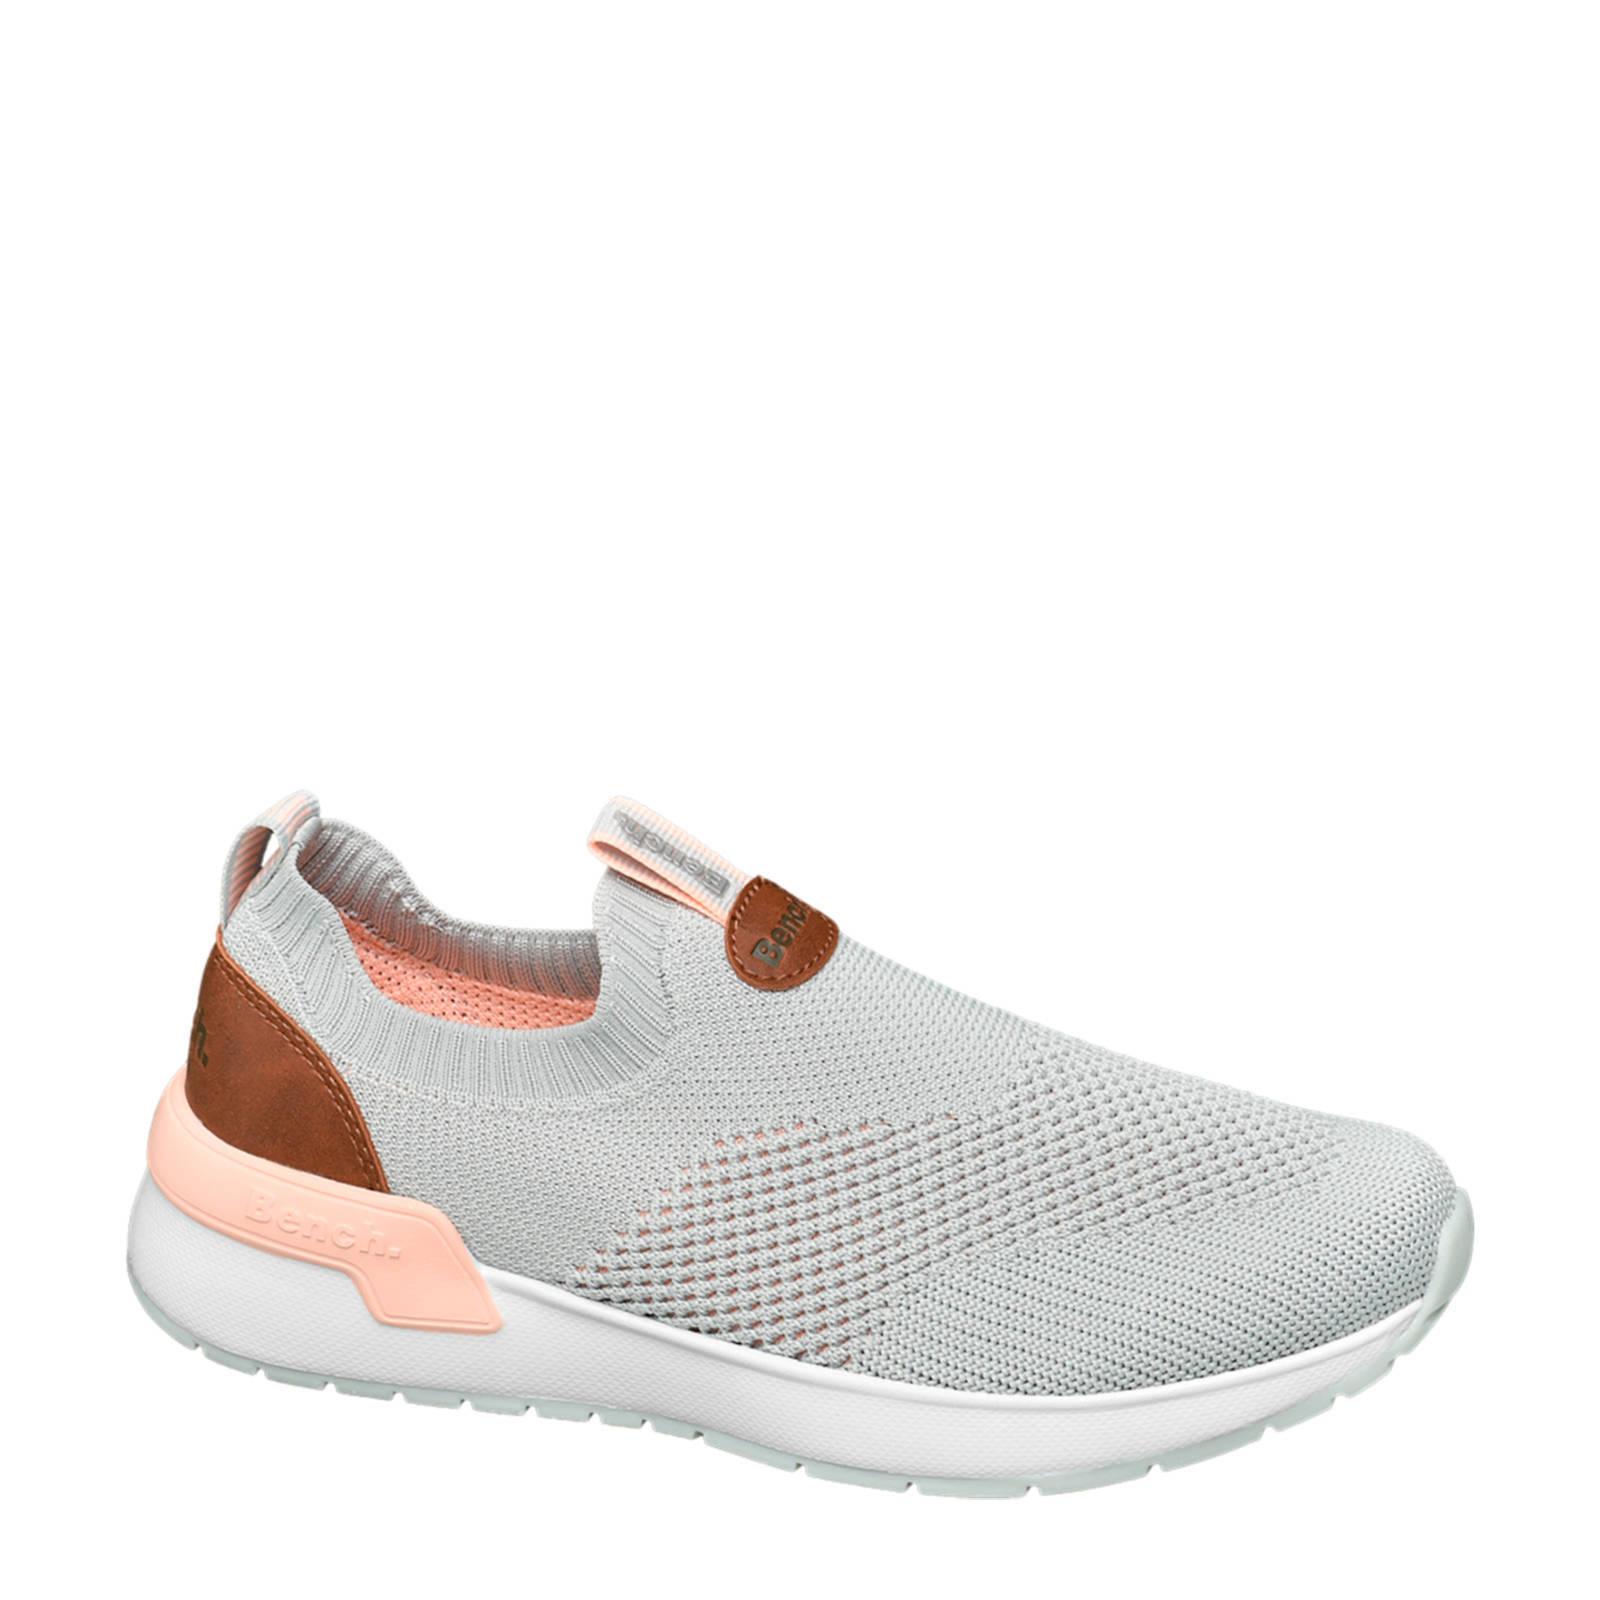 Grijze Dames Bench Schoenen online kopen? Vergelijk op